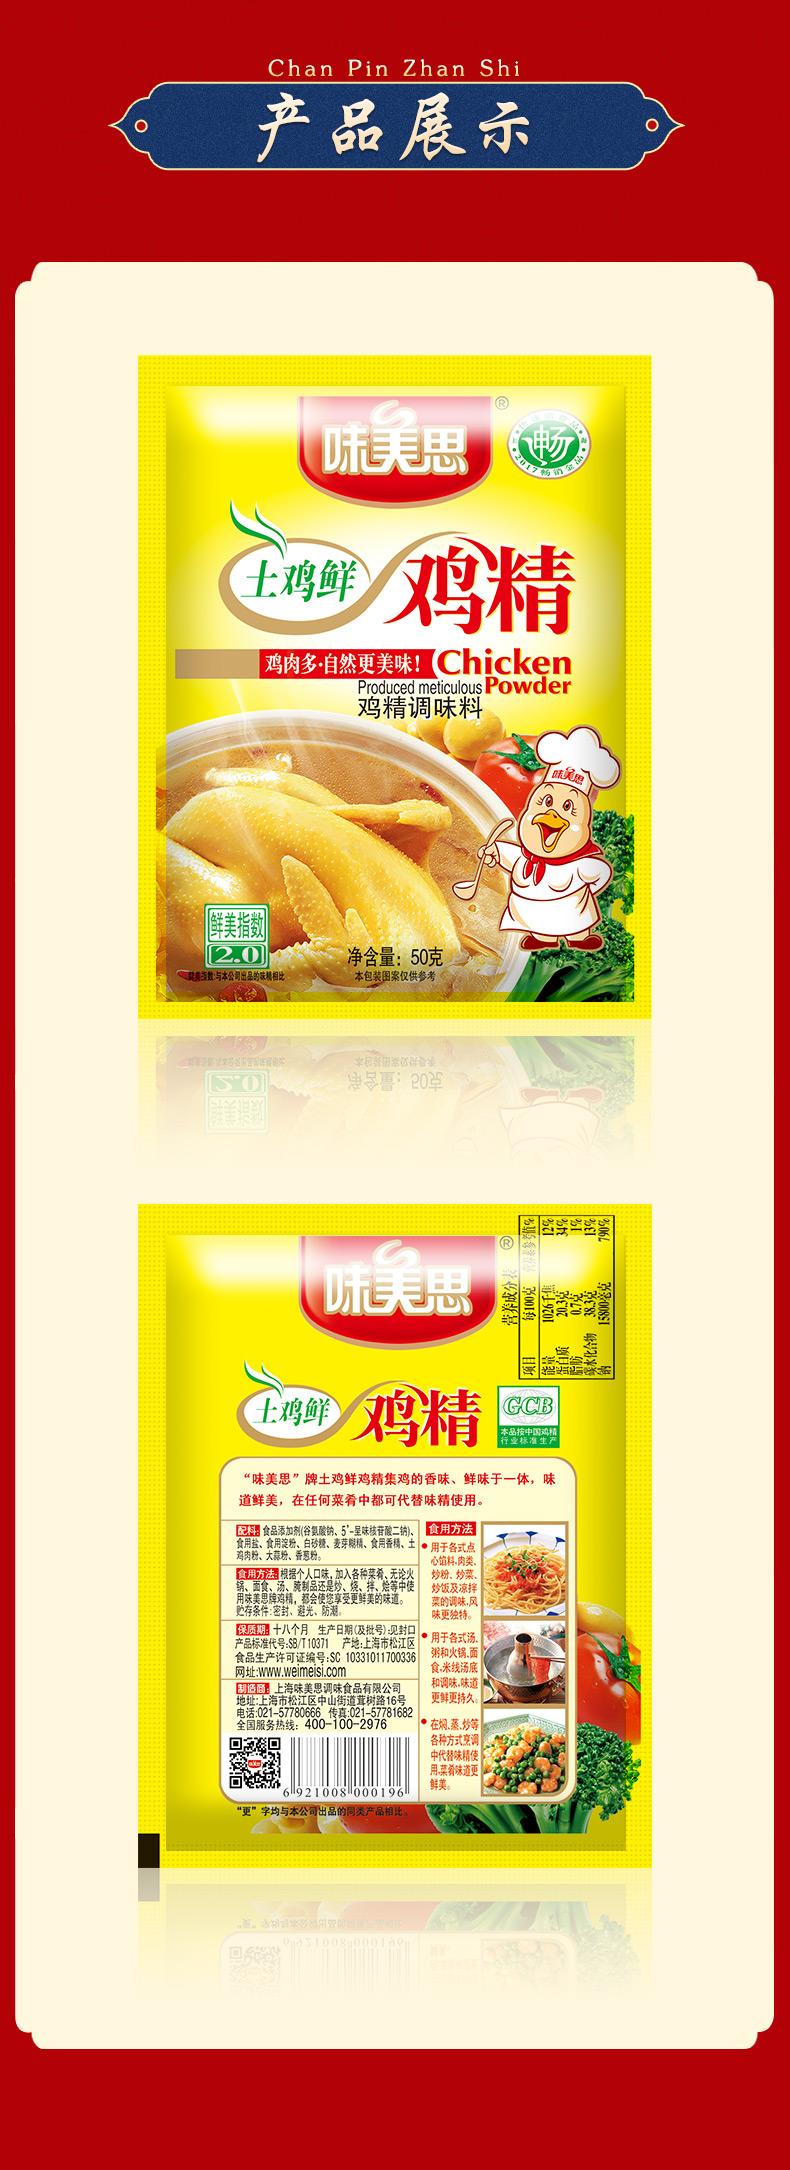 味美思 土鸡鲜鸡精 小袋装鸡粉 煲汤火锅炒菜调味料家用50g*10袋